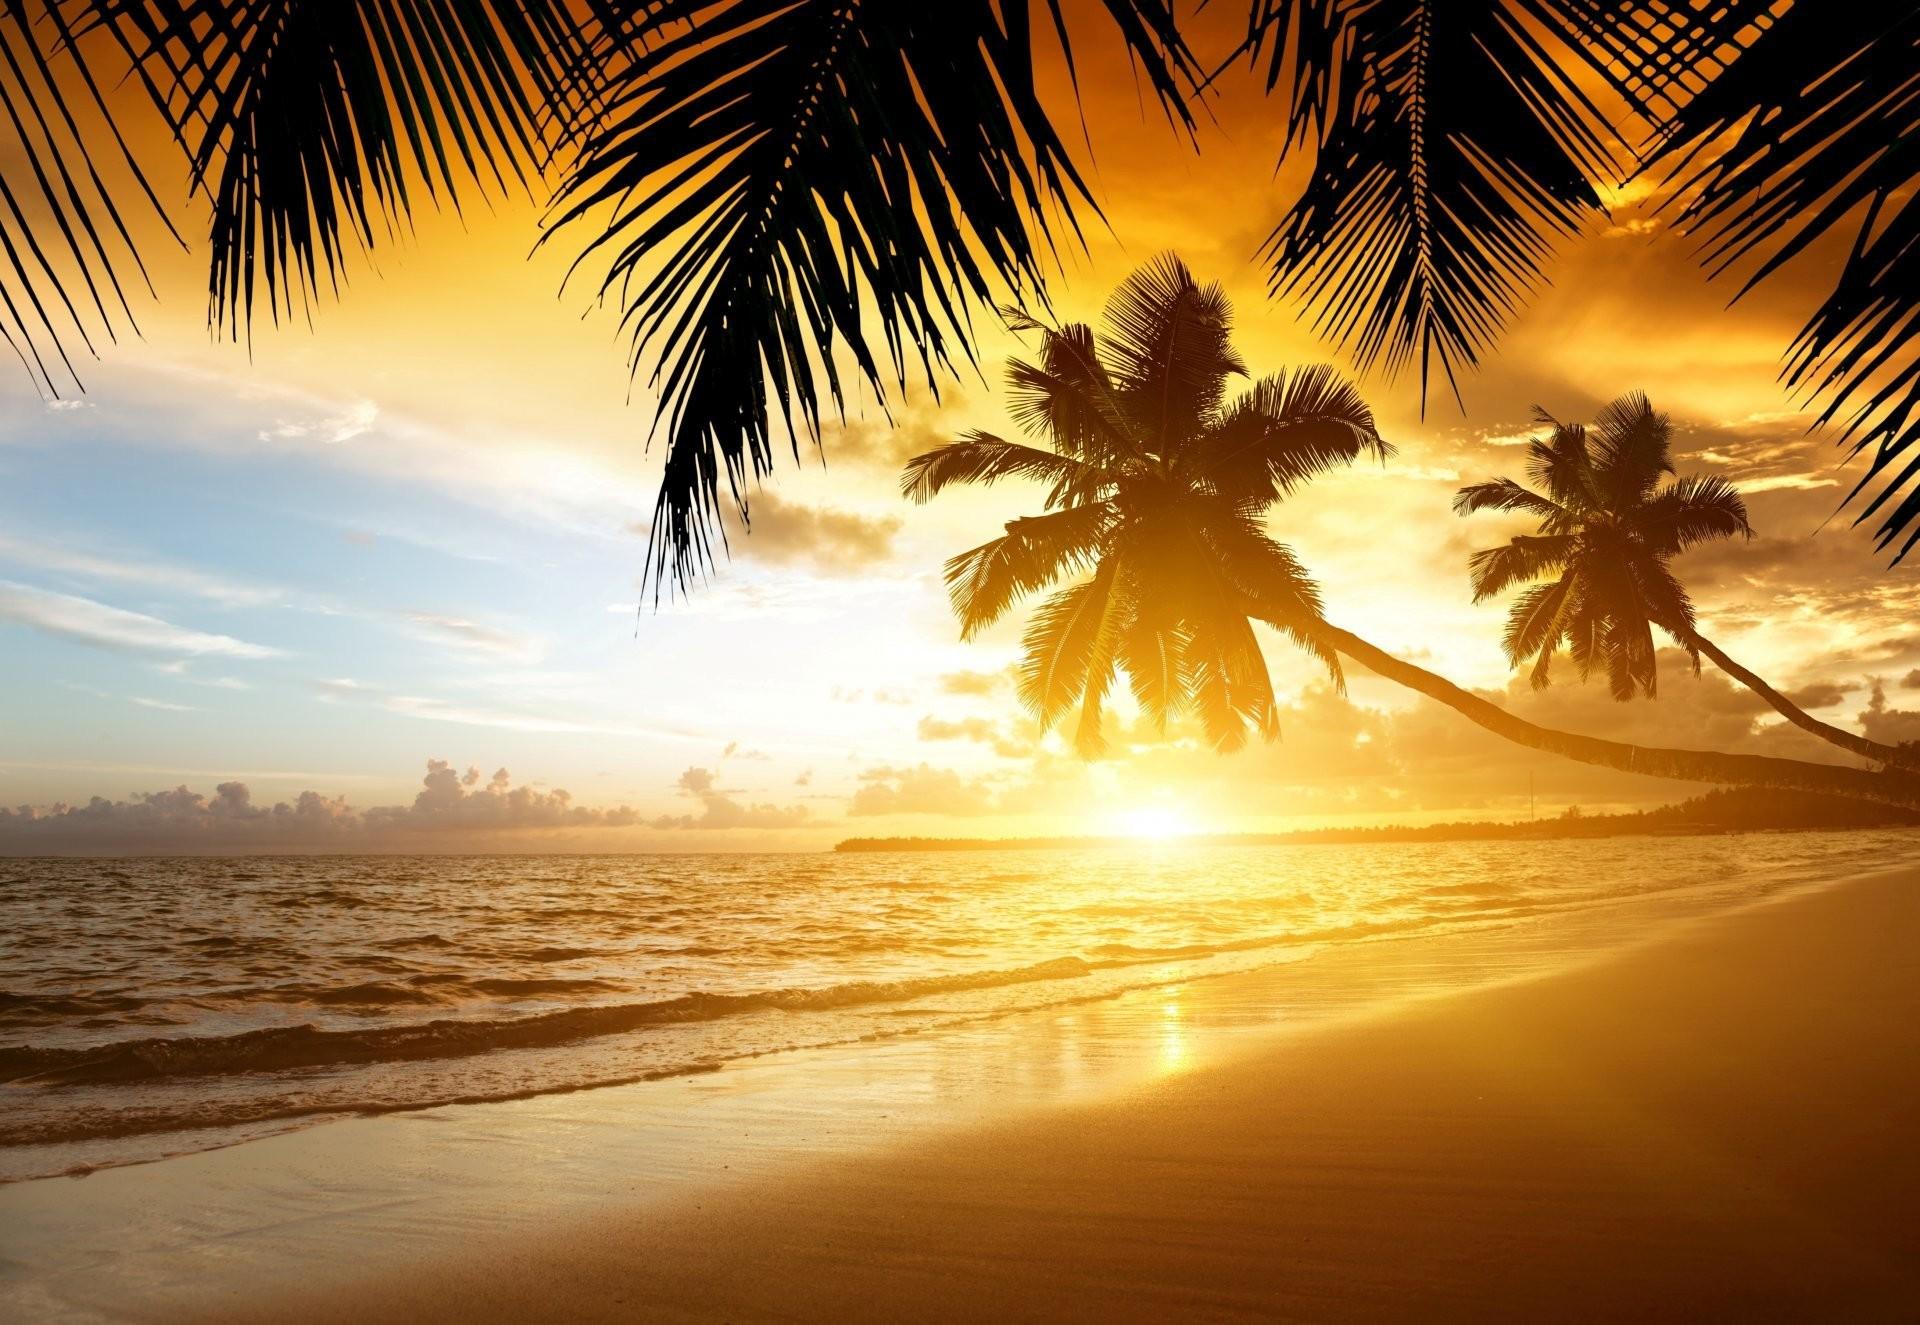 Tropical Island Beach Ocean Sunset: Tropical Island Sunset Wallpaper (58+ Images